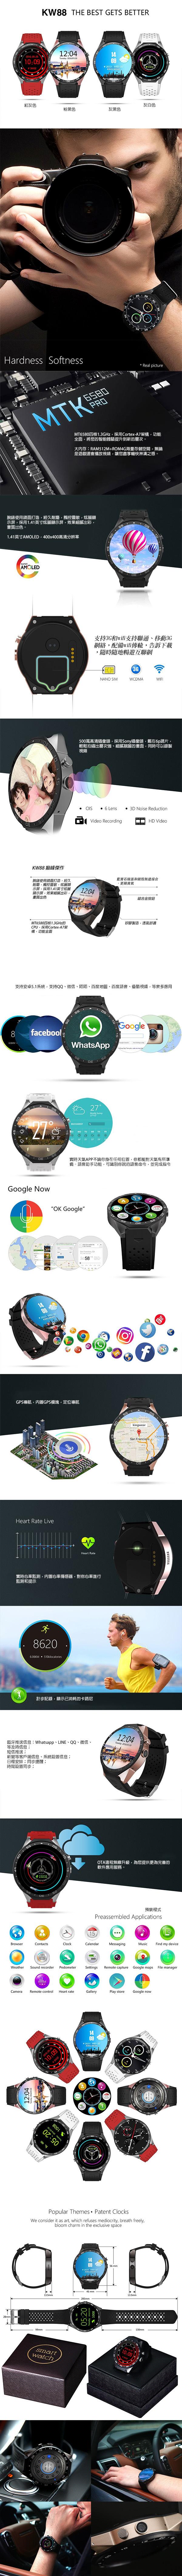 KingWear 高清攝像智能手錶12